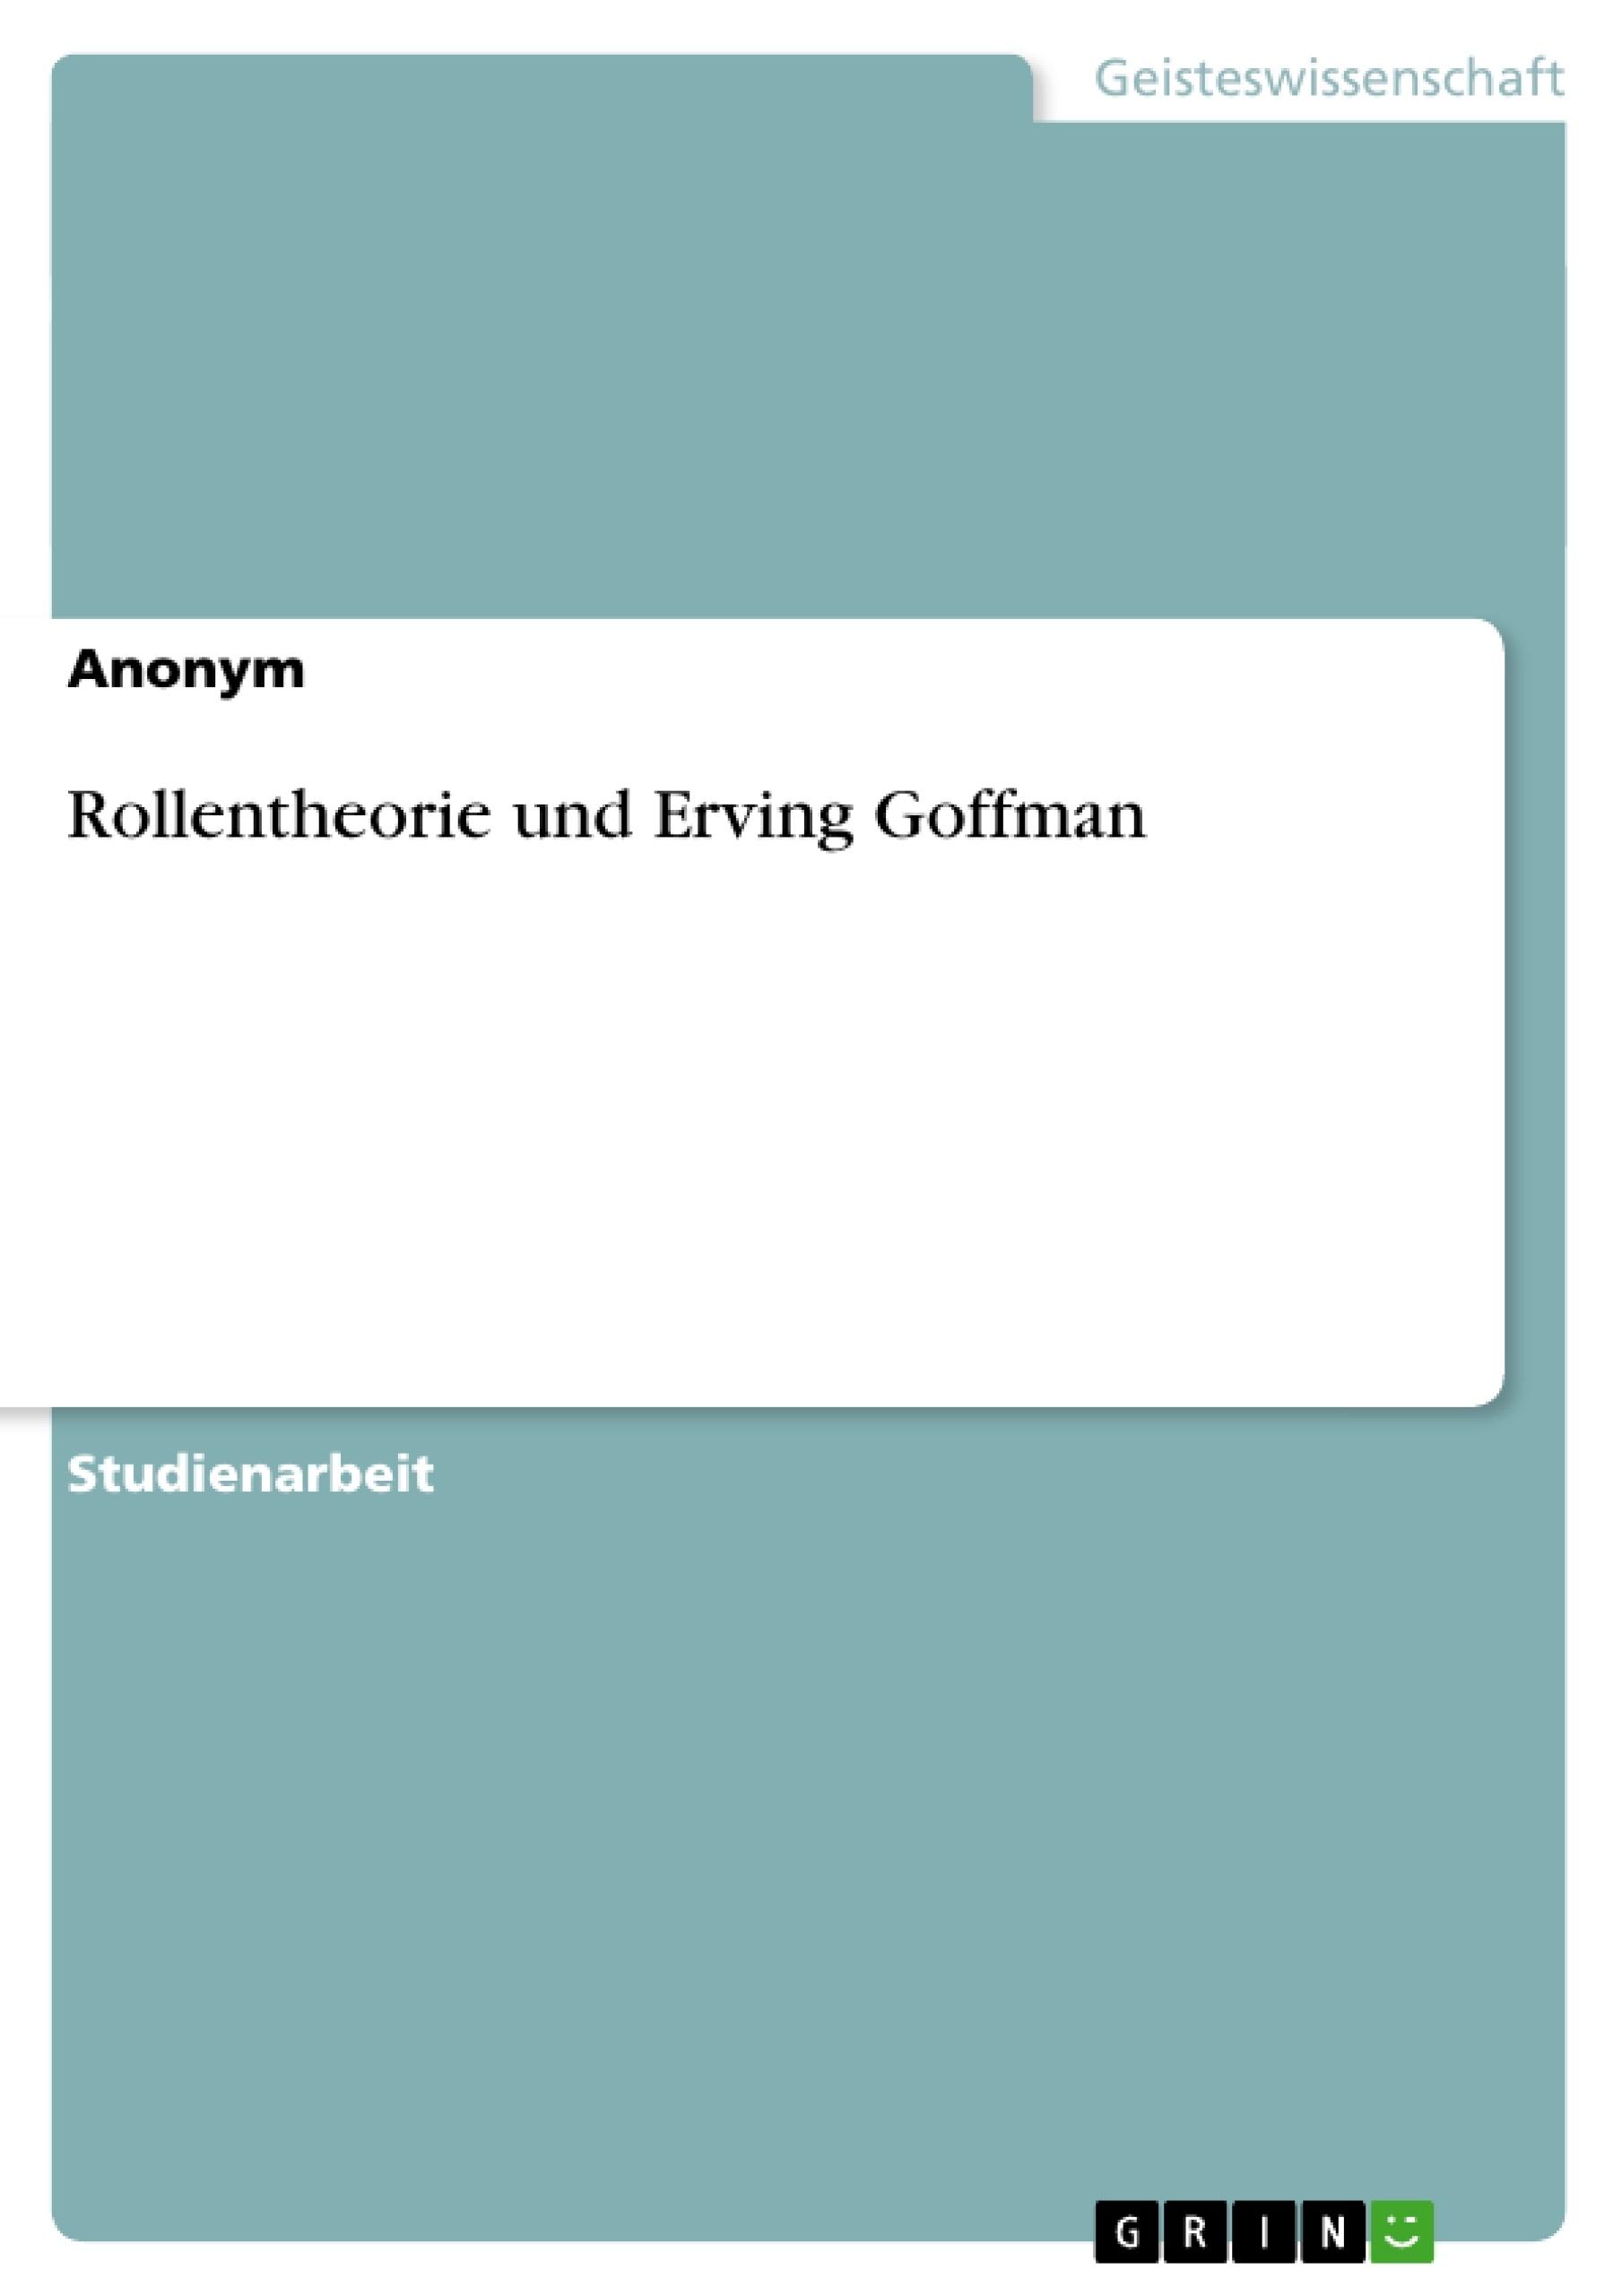 Titel: Rollentheorie und Erving Goffman